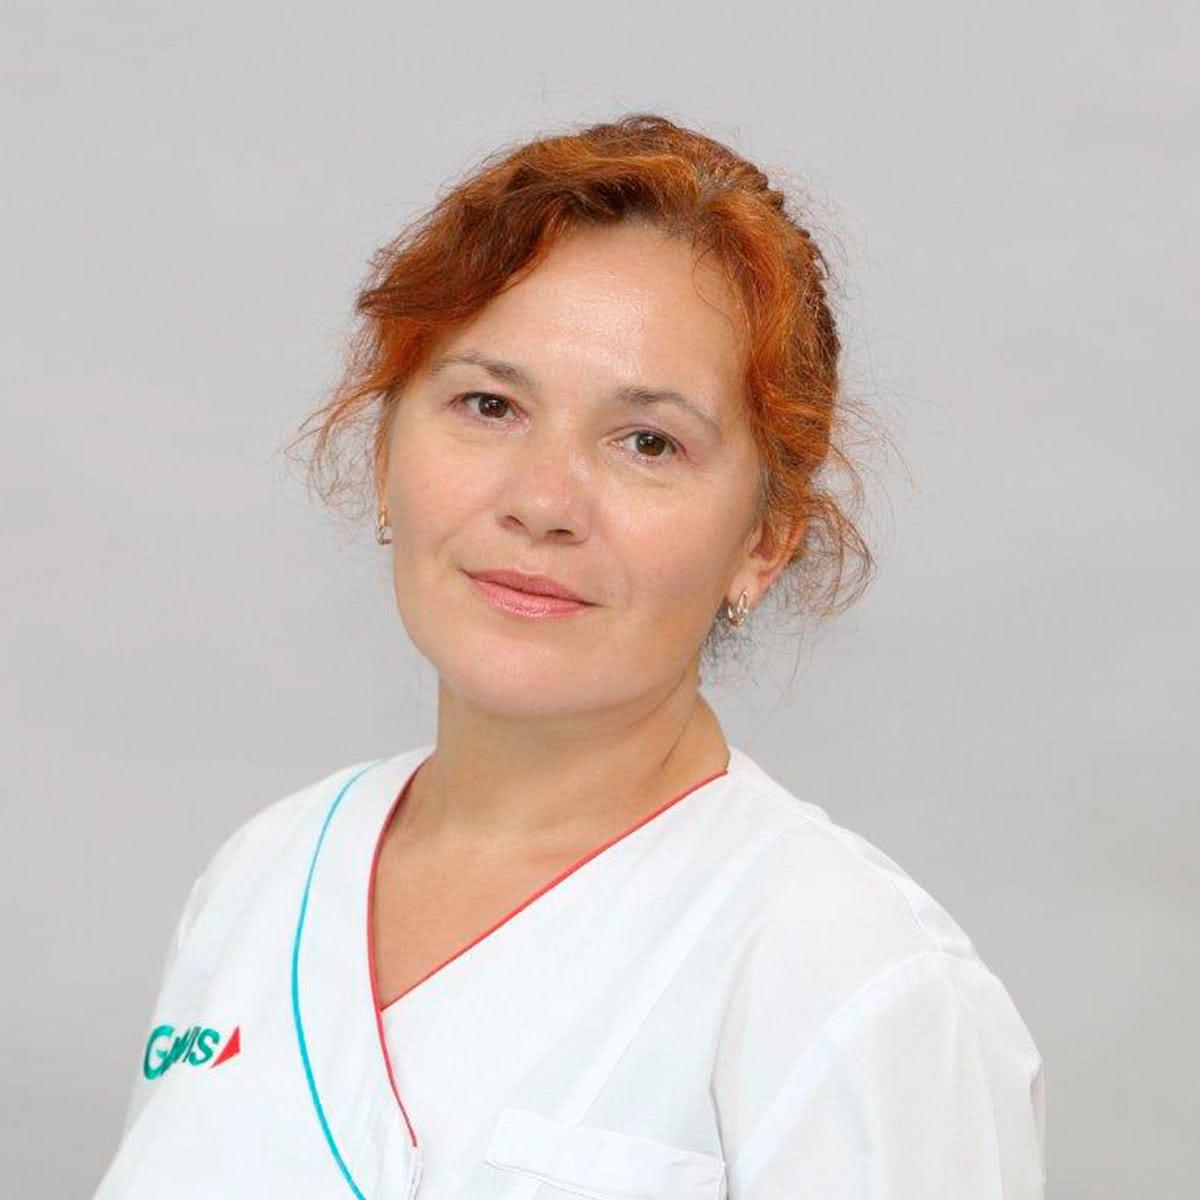 Афанасьева Марина Юрьевна